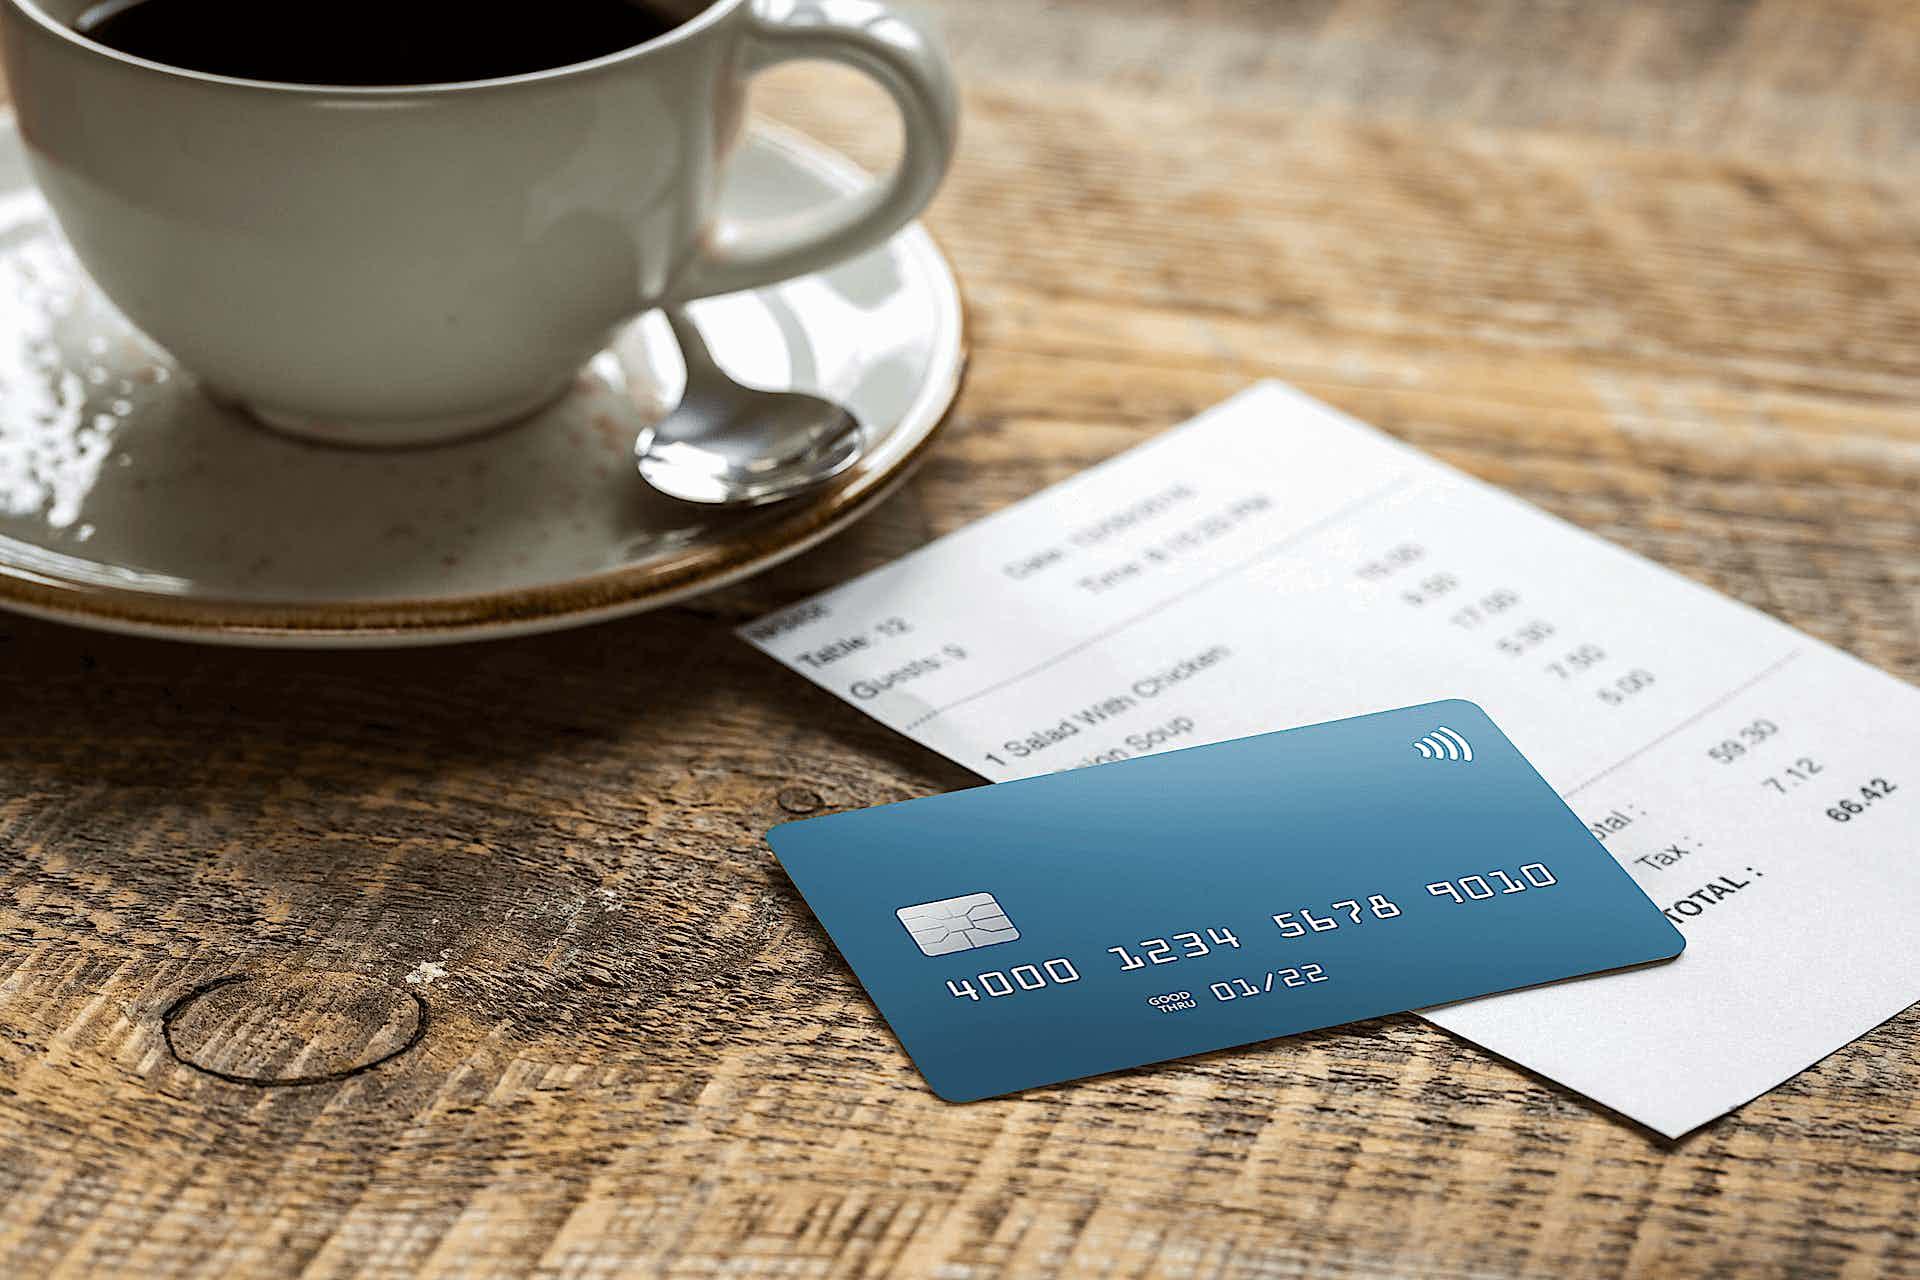 Kreditkarte liegt auf Rechnung im Café